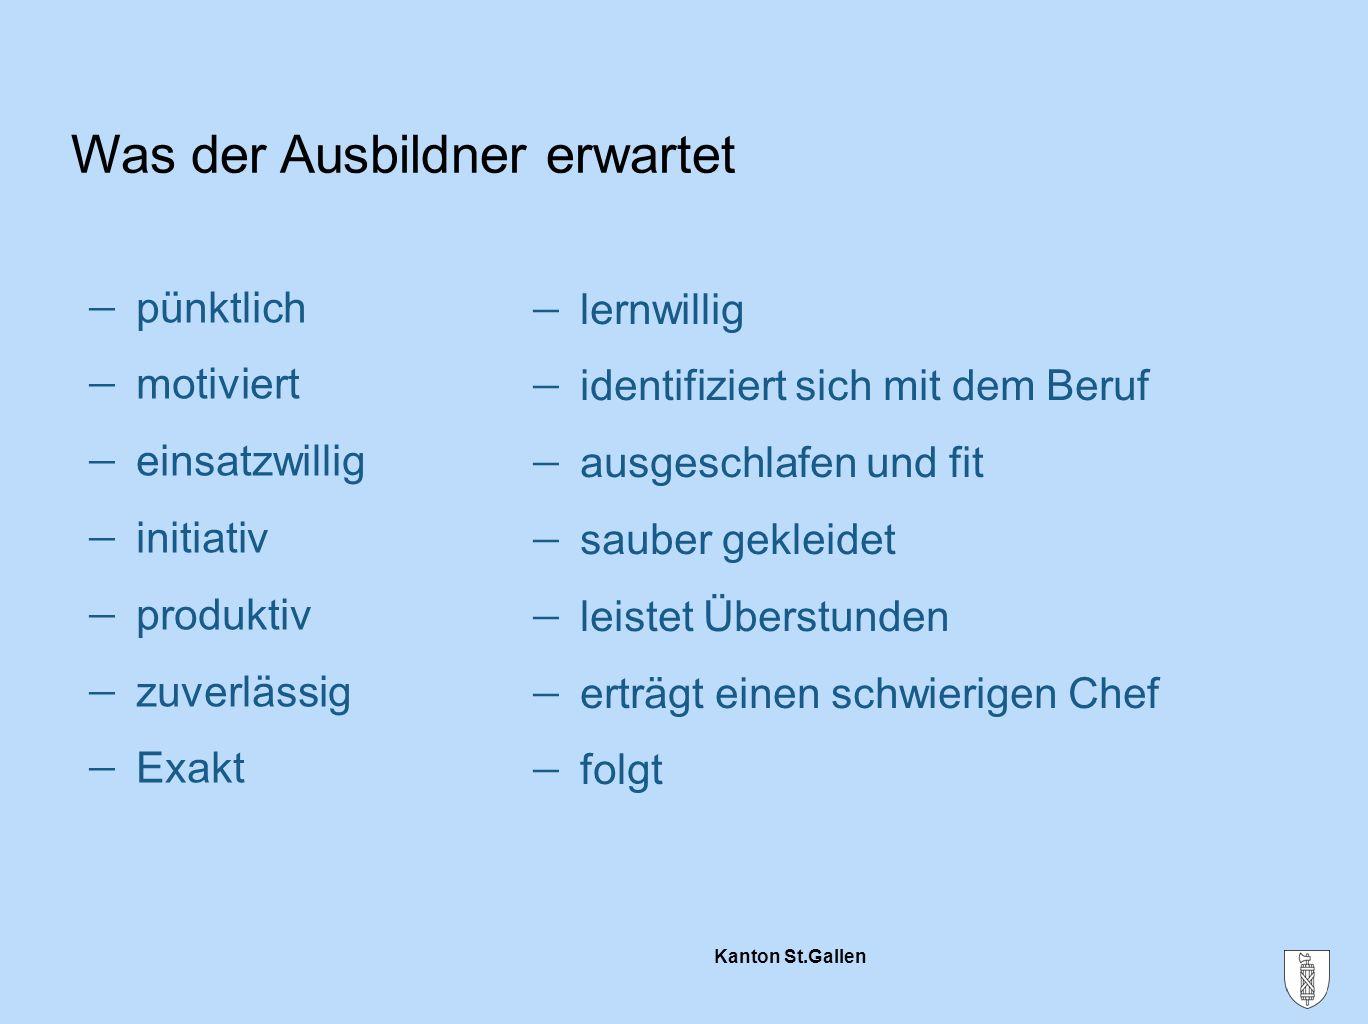 Kanton St.Gallen Was der Ausbildner erwartet  pünktlich  motiviert  einsatzwillig  initiativ  produktiv  zuverlässig  Exakt  lernwillig  iden